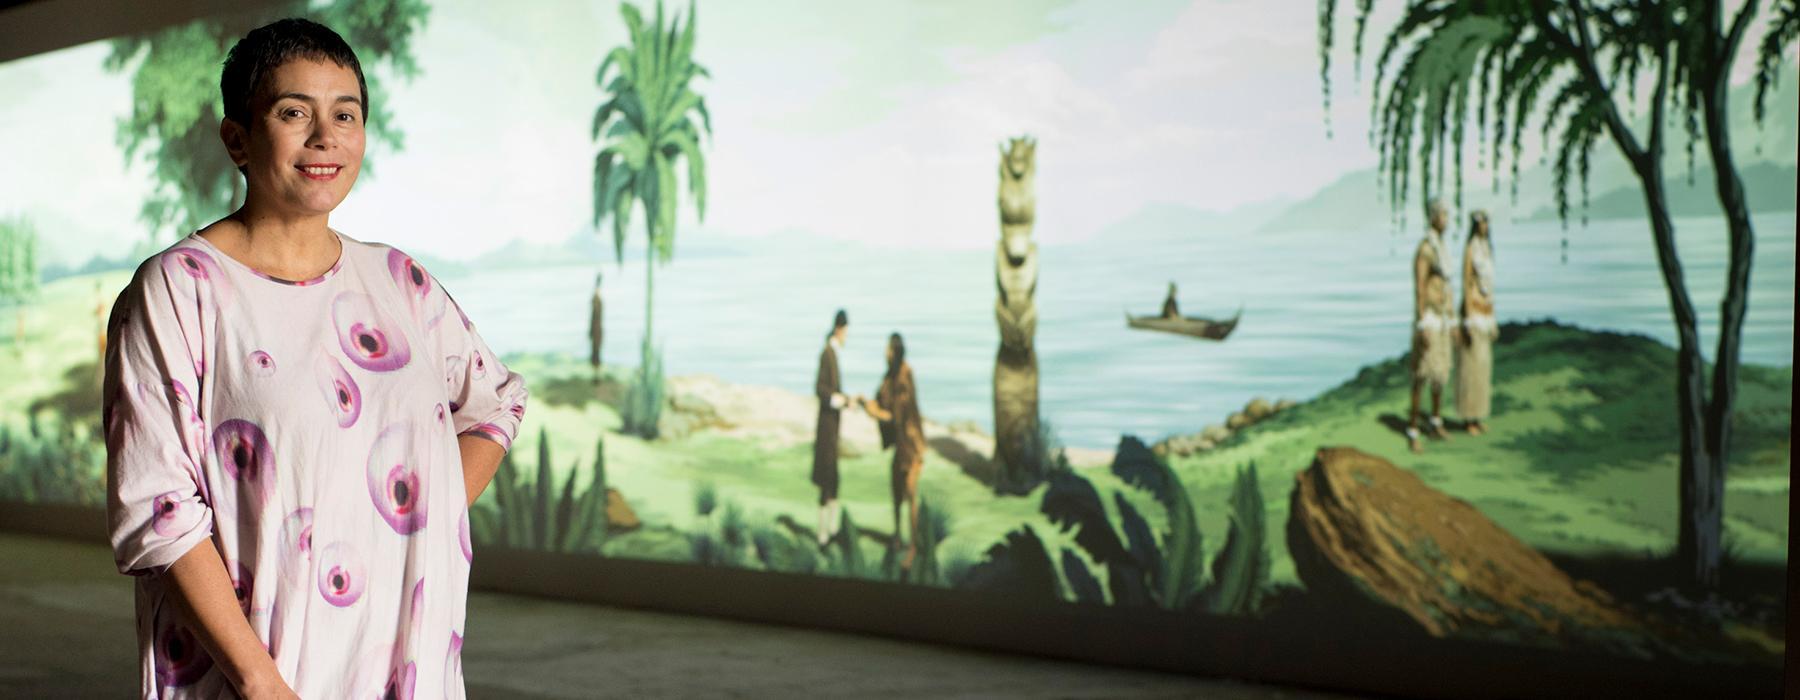 Lisa Reihana in front of her work art work